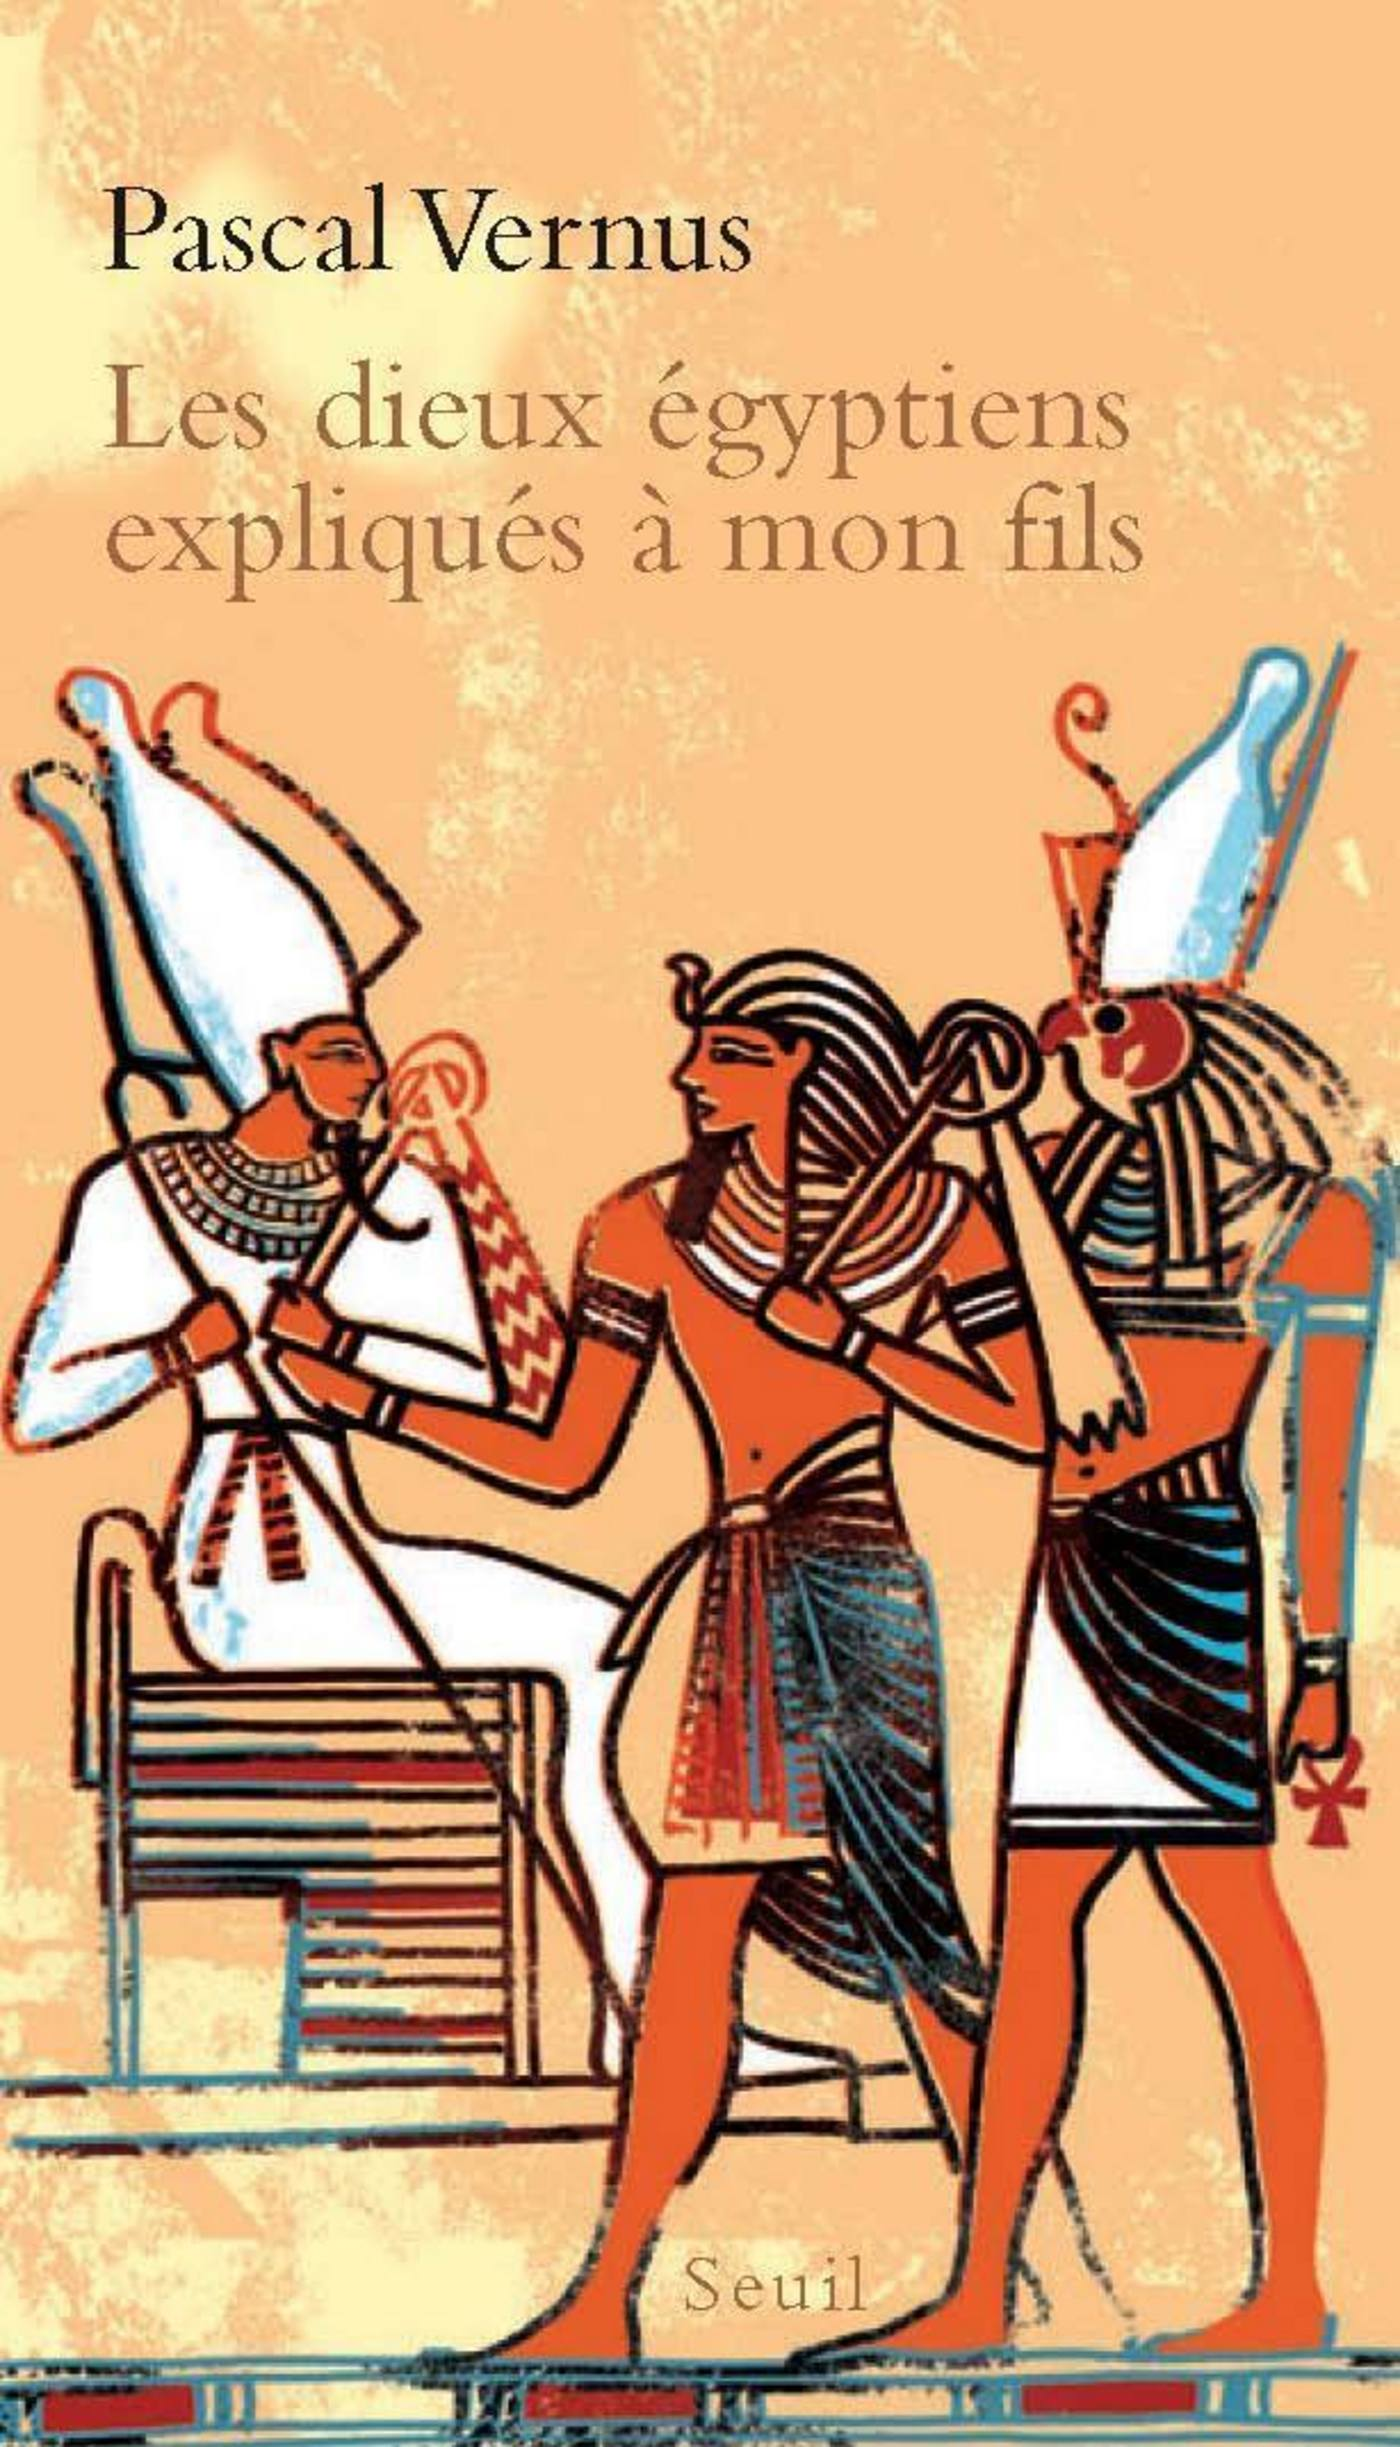 Les Dieux égyptiens expliqués à mon fils